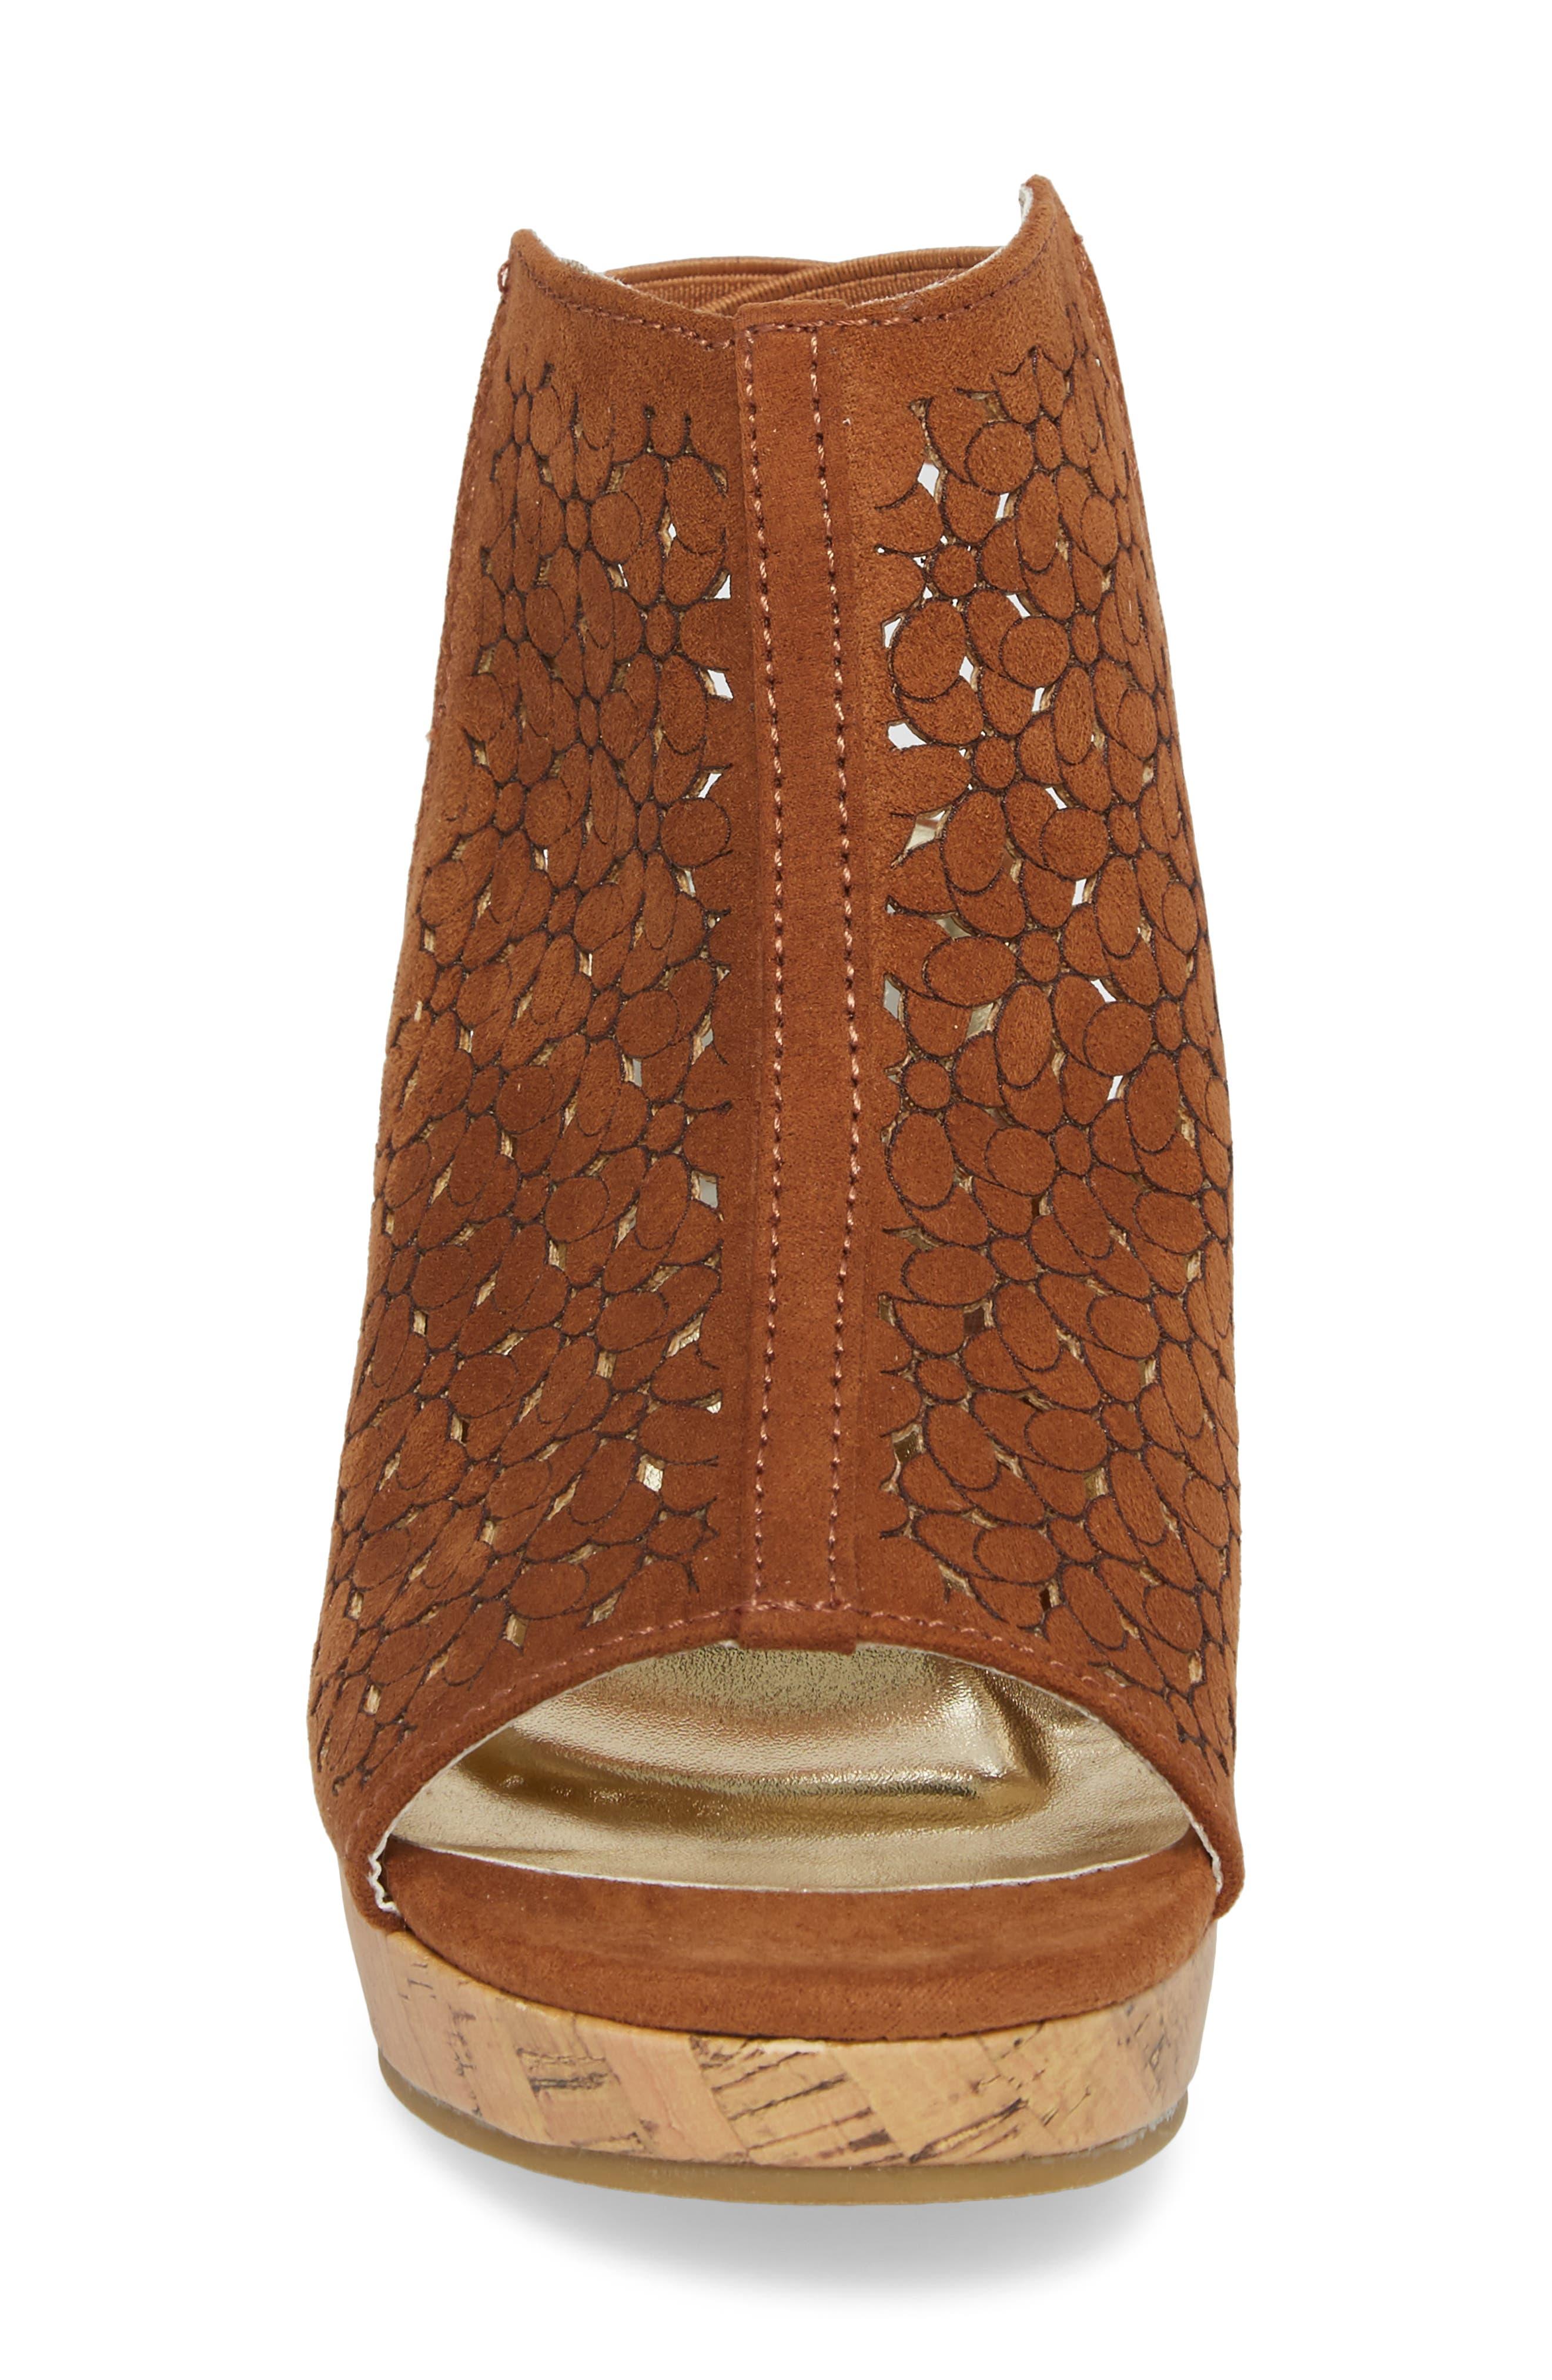 Corrine Finestra Wedge Sandal,                             Alternate thumbnail 4, color,                             255